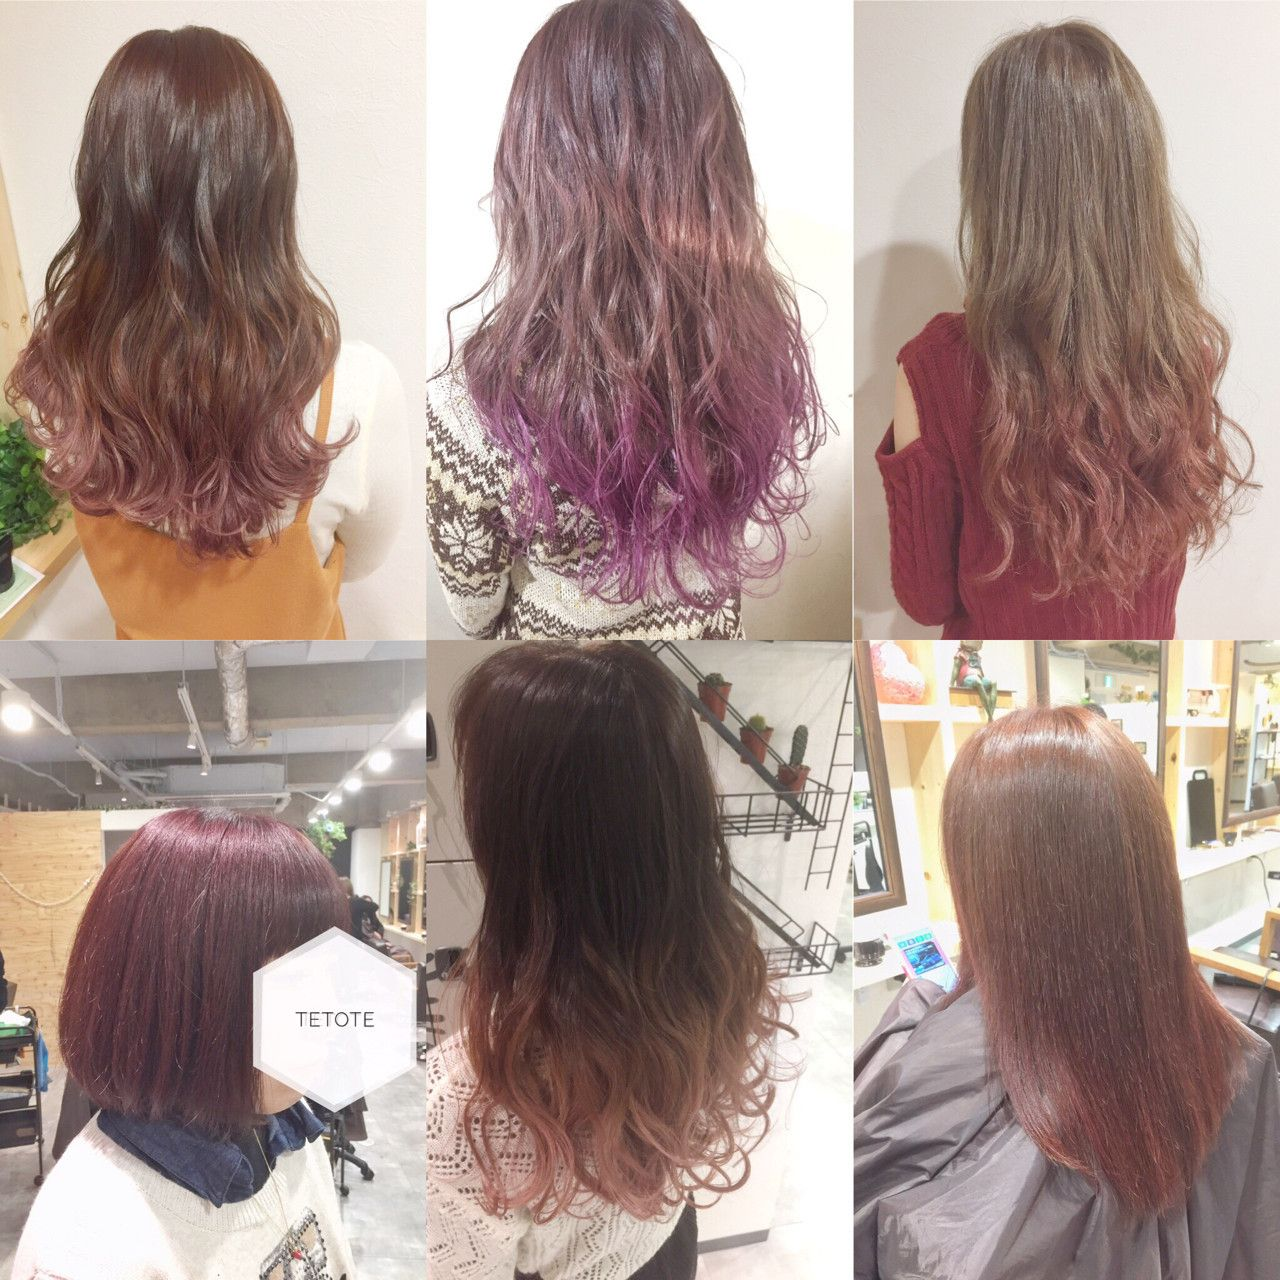 美肌効果抜群 オシャレ女子の髪色はピンクベージュで決まり 髪 色